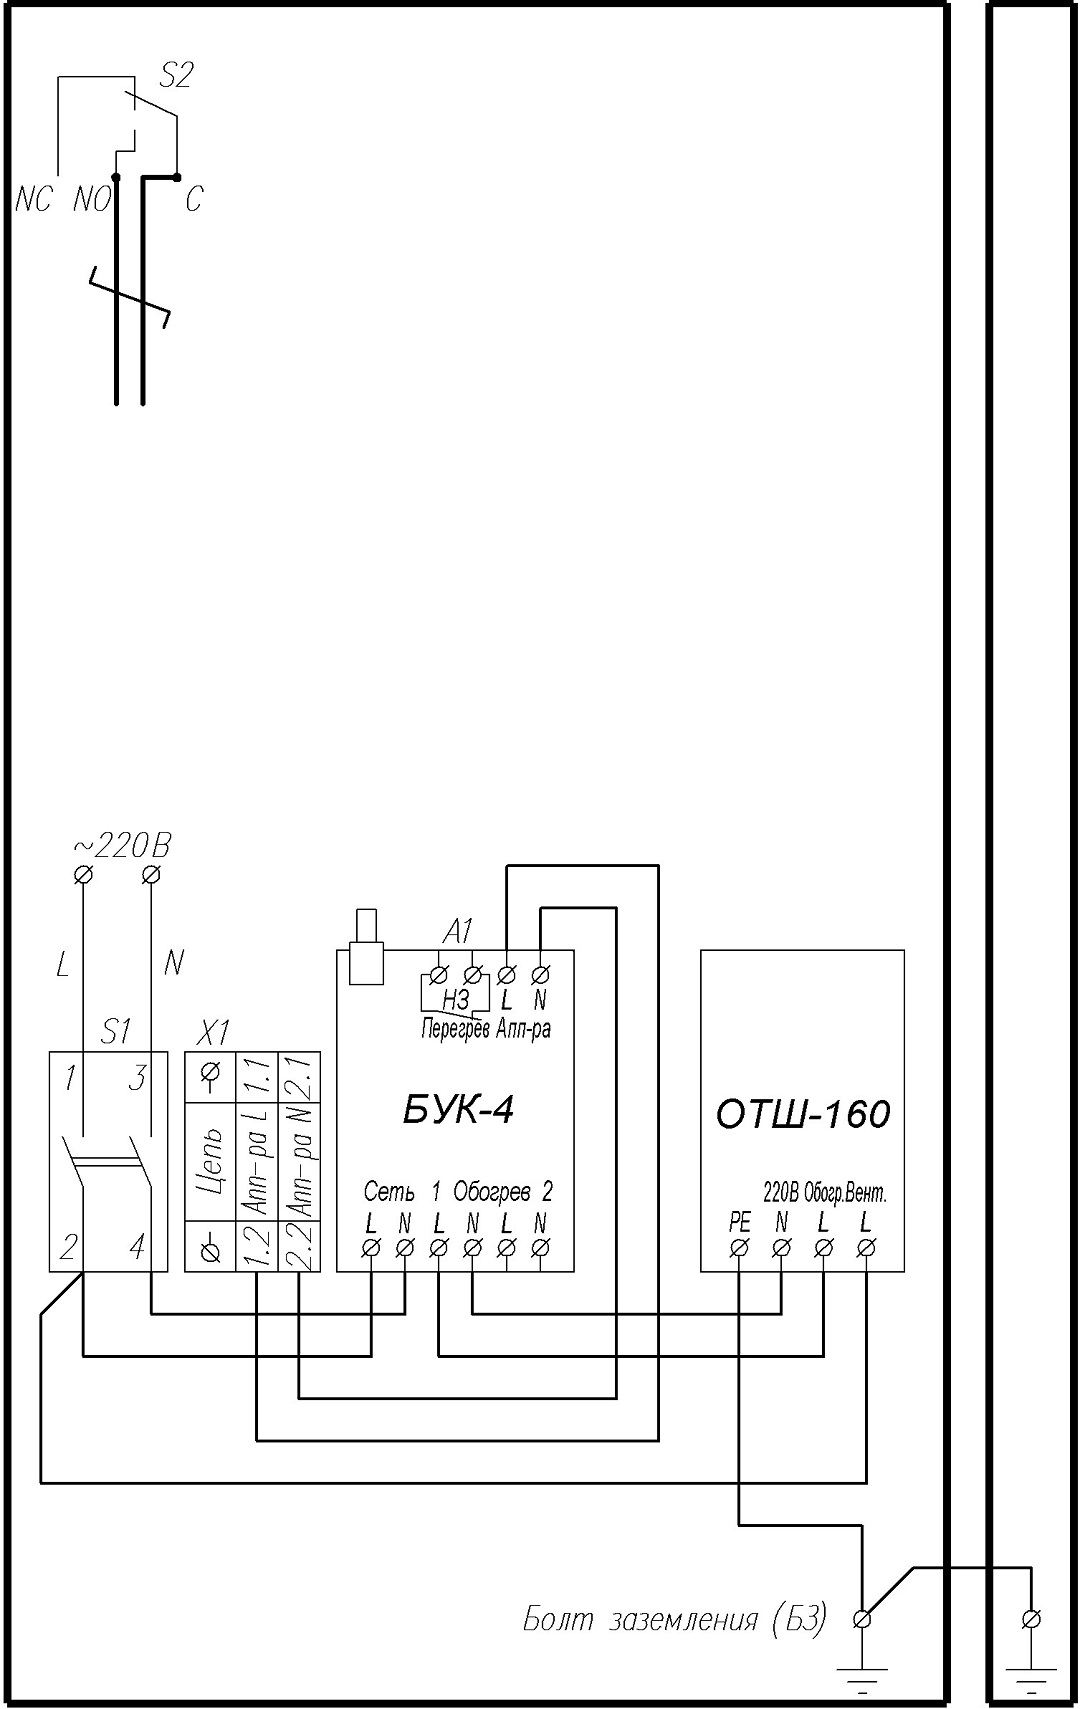 Схема электрическая принципиальная ТШ-1